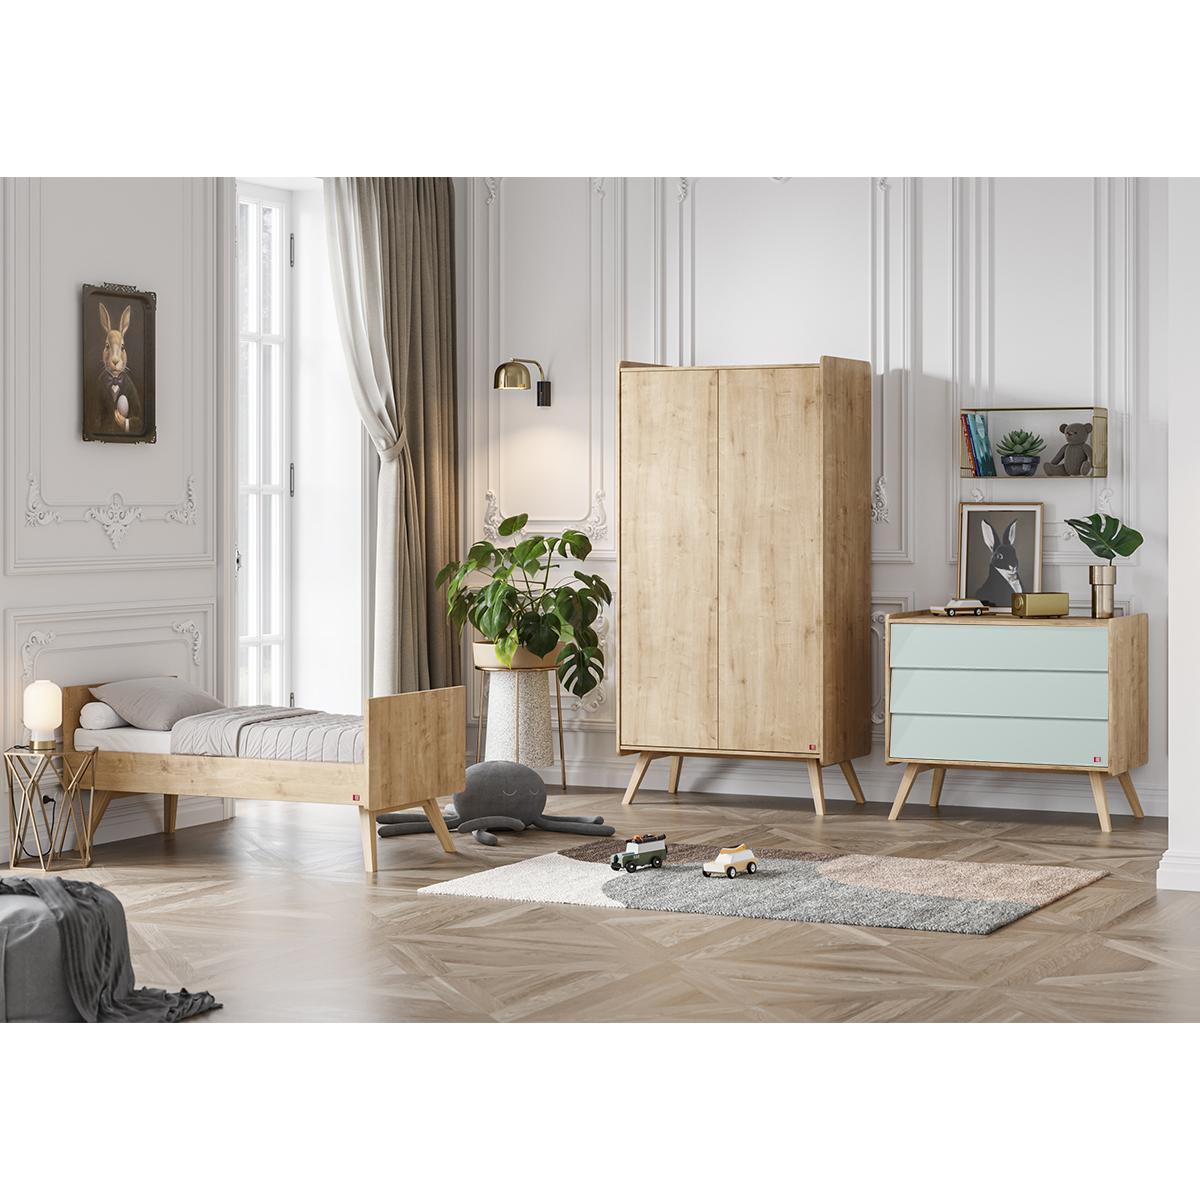 Chambre complète lit évolutif 70x140 - commode à langer - armoire 2 portes Vox Vintage - Bois Vert